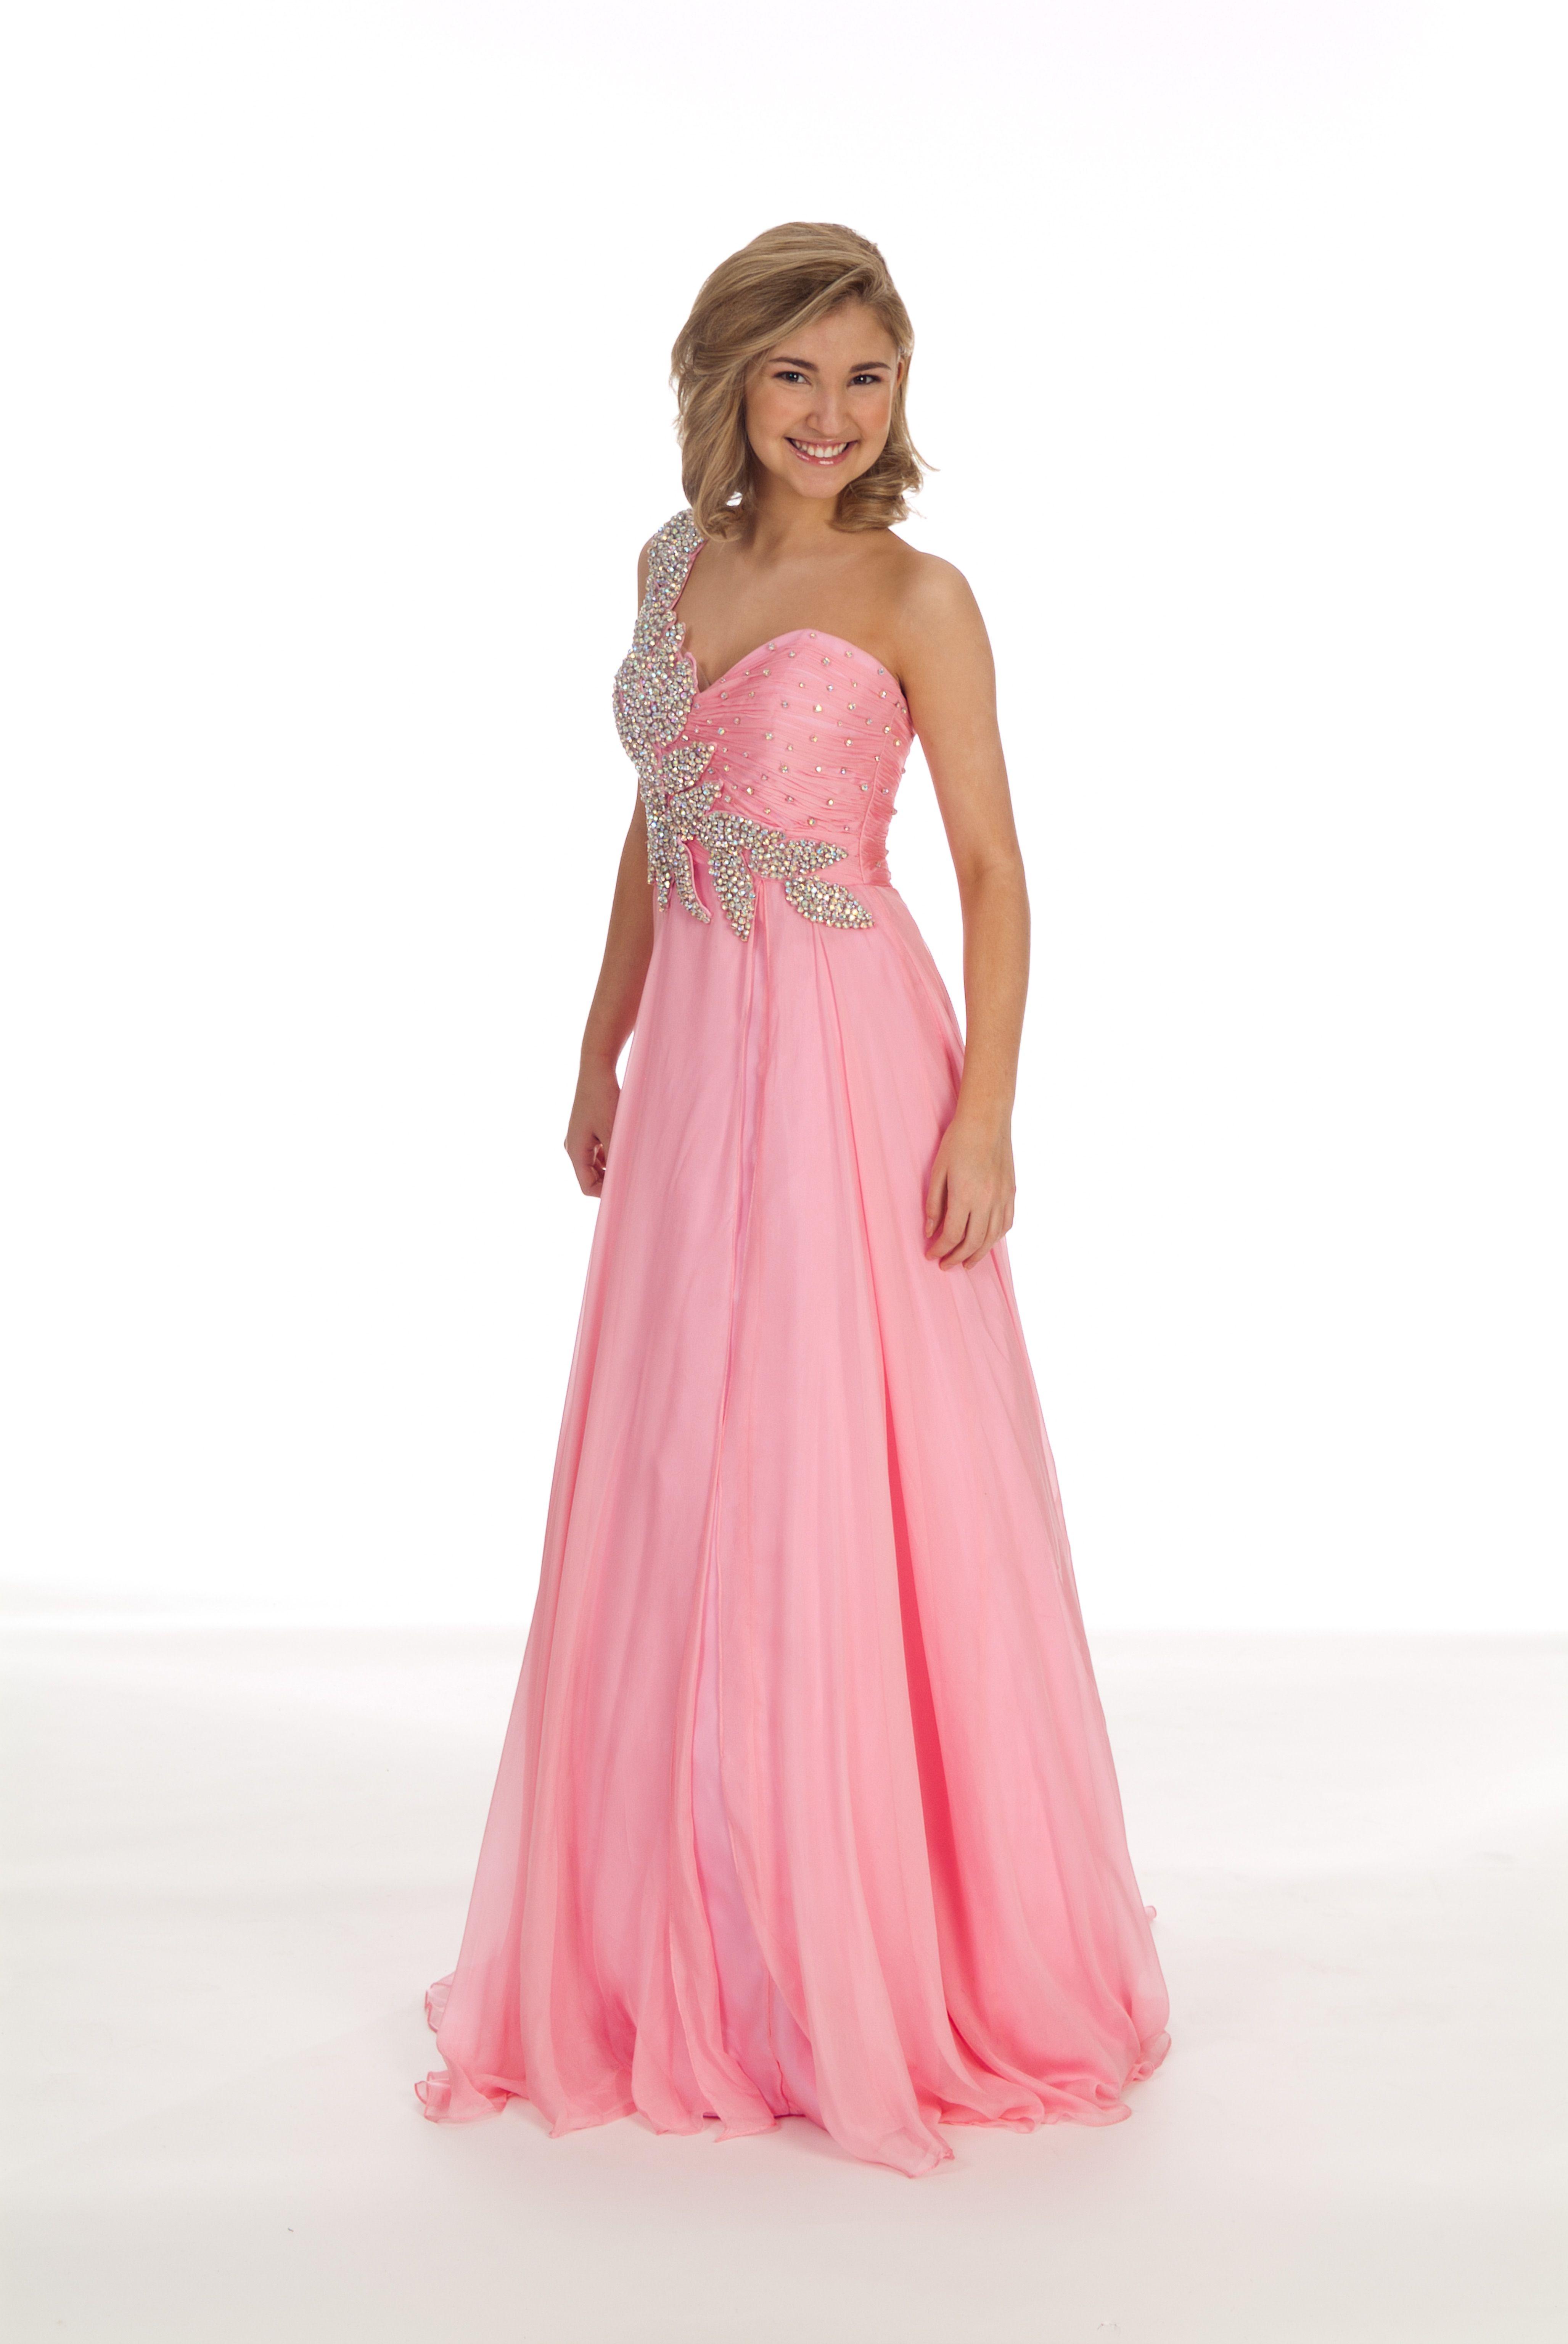 Pageant dress | Dress | Pinterest